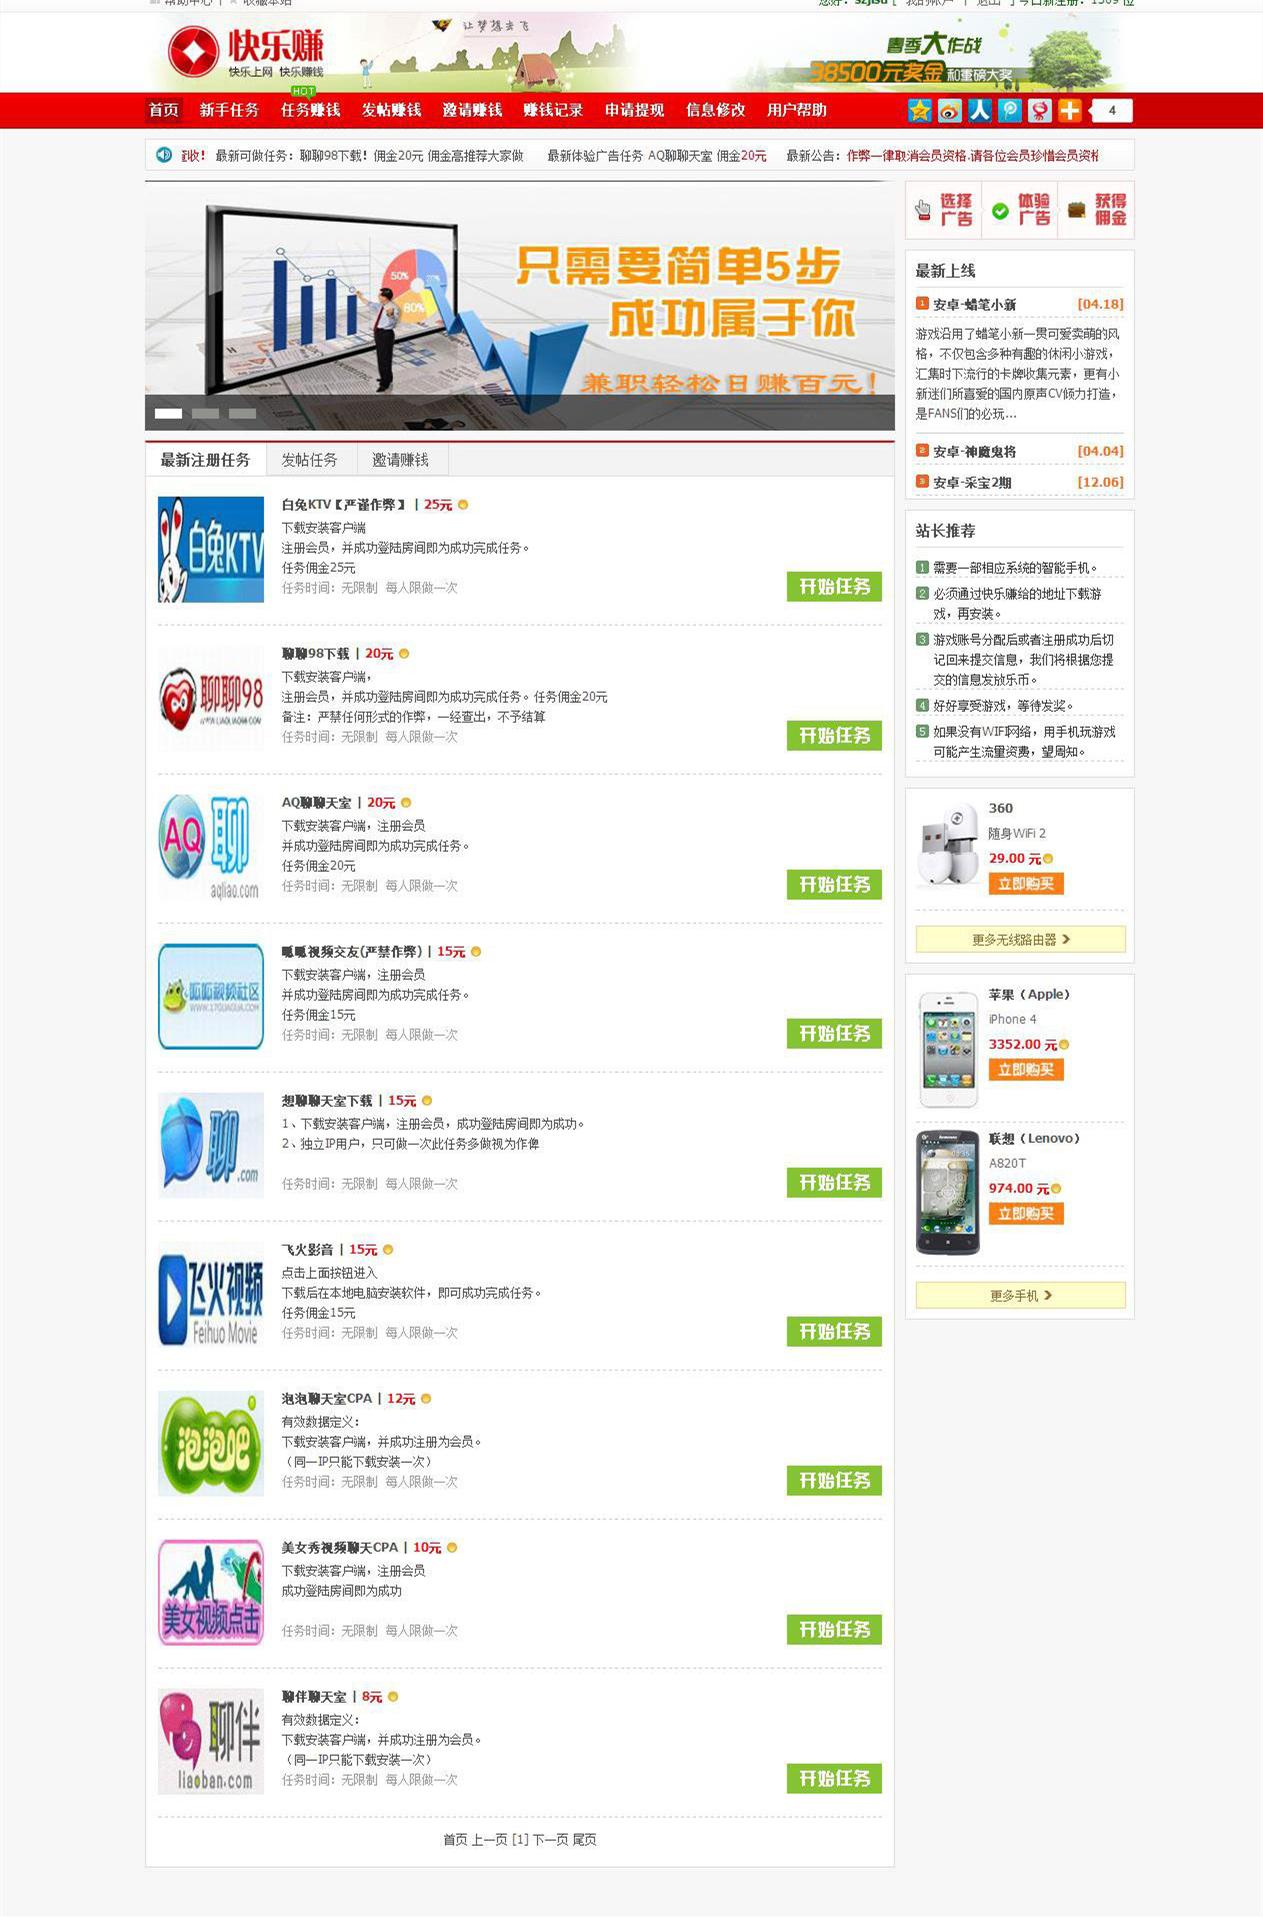 【仿小程序导航】高仿微信小程序应用商店商城导航站系统源码[PHPCMS]插图(1)